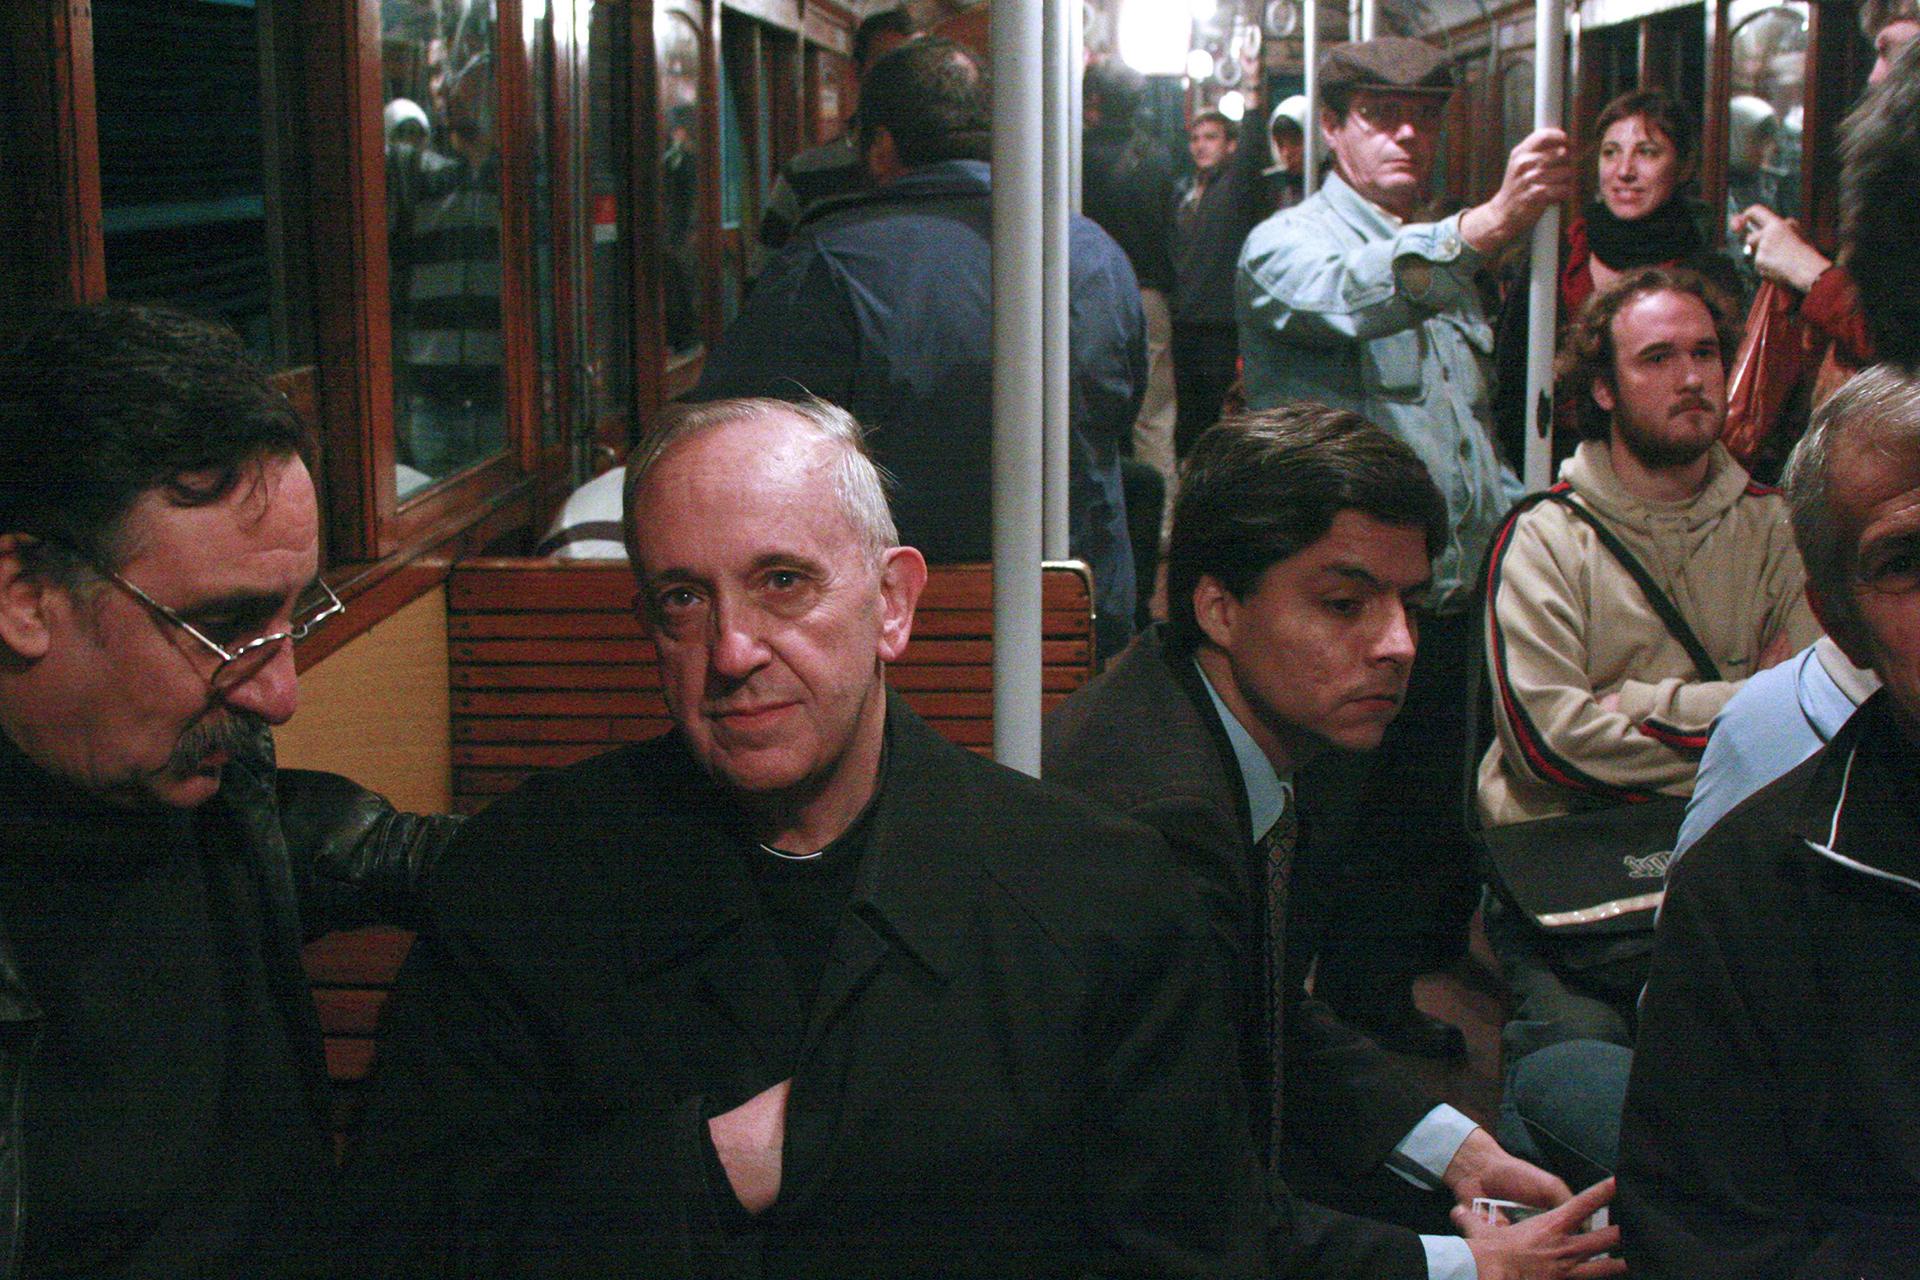 El entonces cardenal Bergoglio, en 2008, viajando en un subterráneo de Buenos Aires